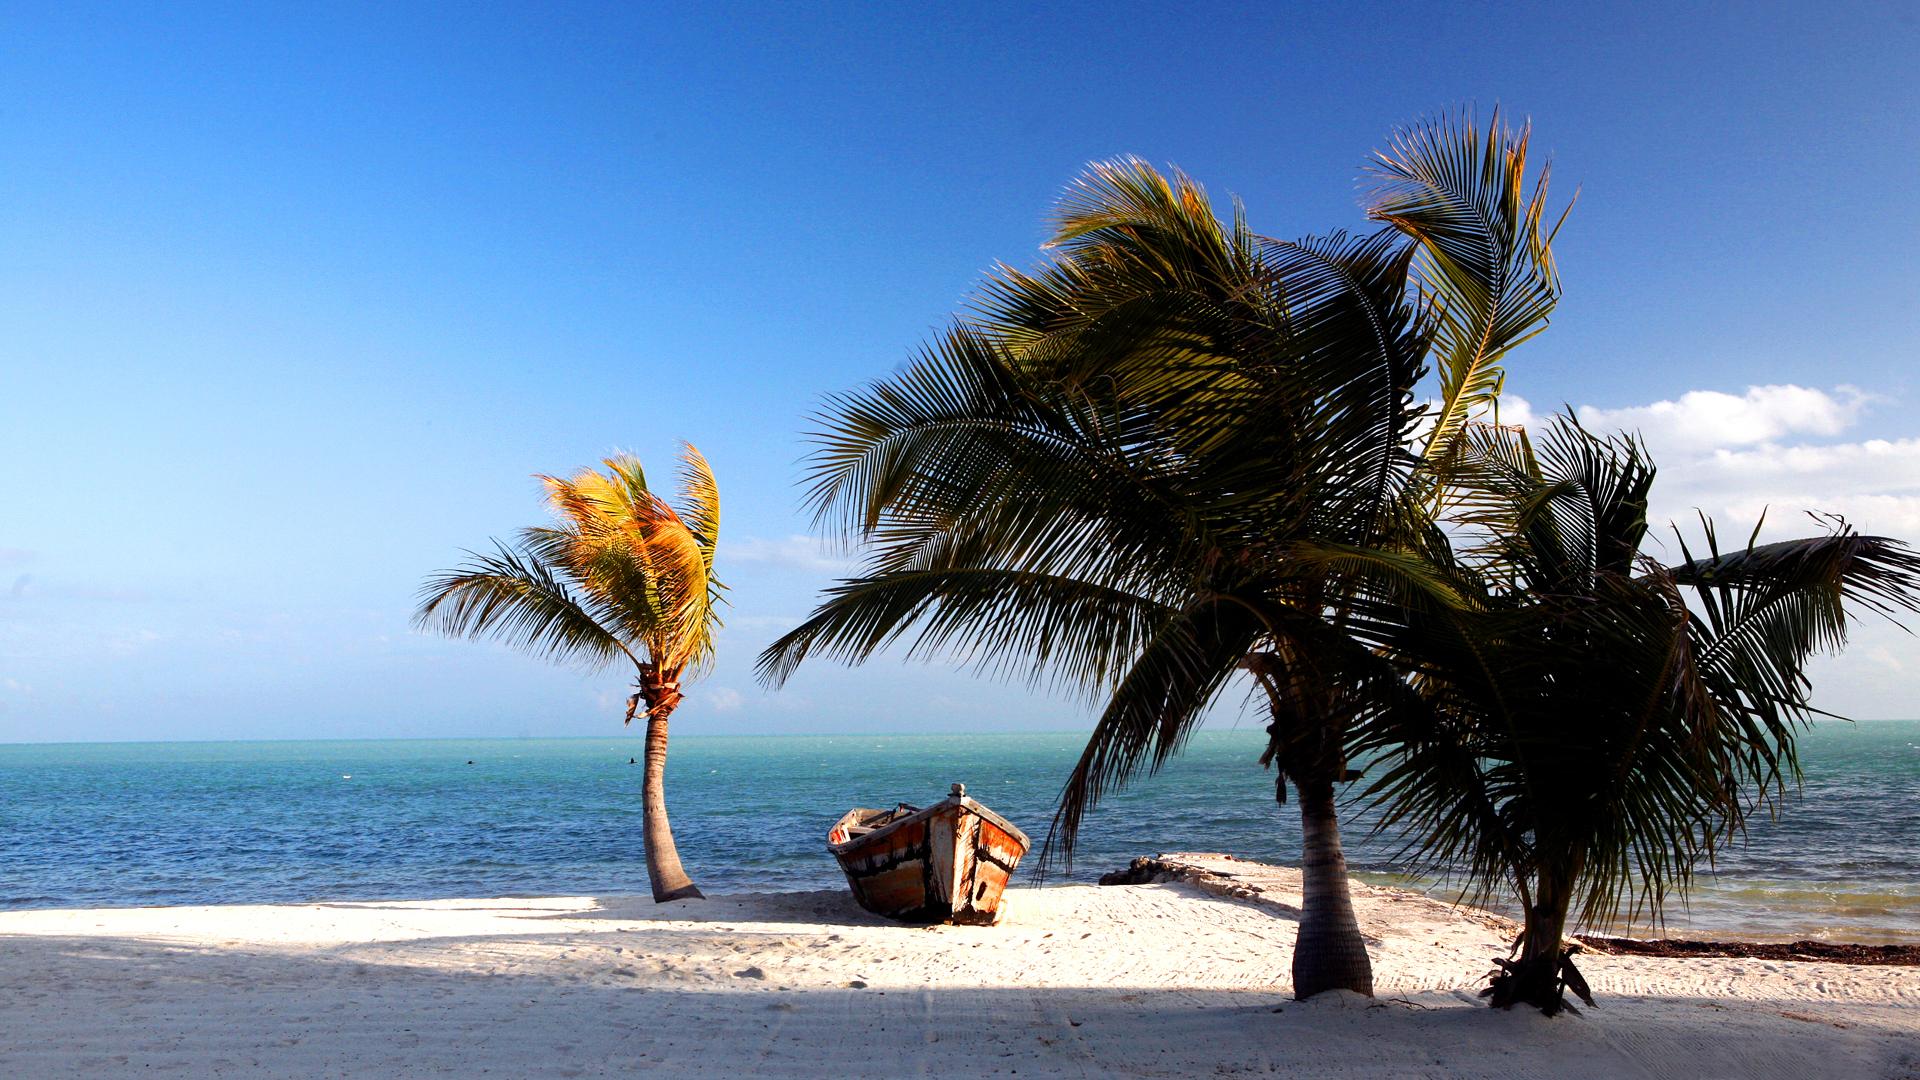 Florida Keys Pictures Wallpaper Wallpapersafari